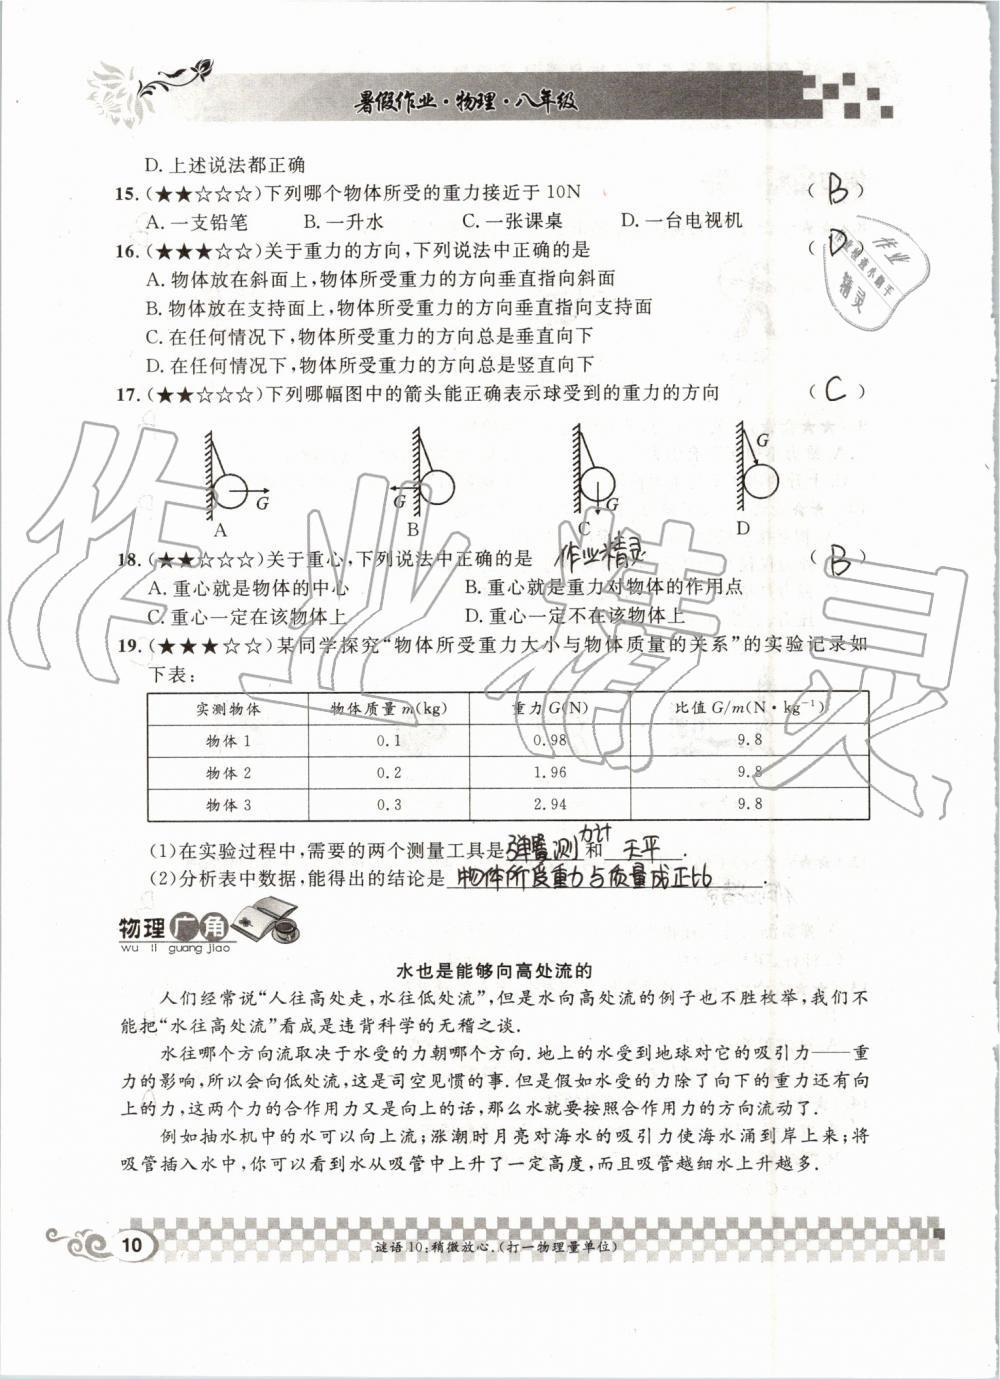 2019年长江暑假作业八年级物理崇文书局第10页